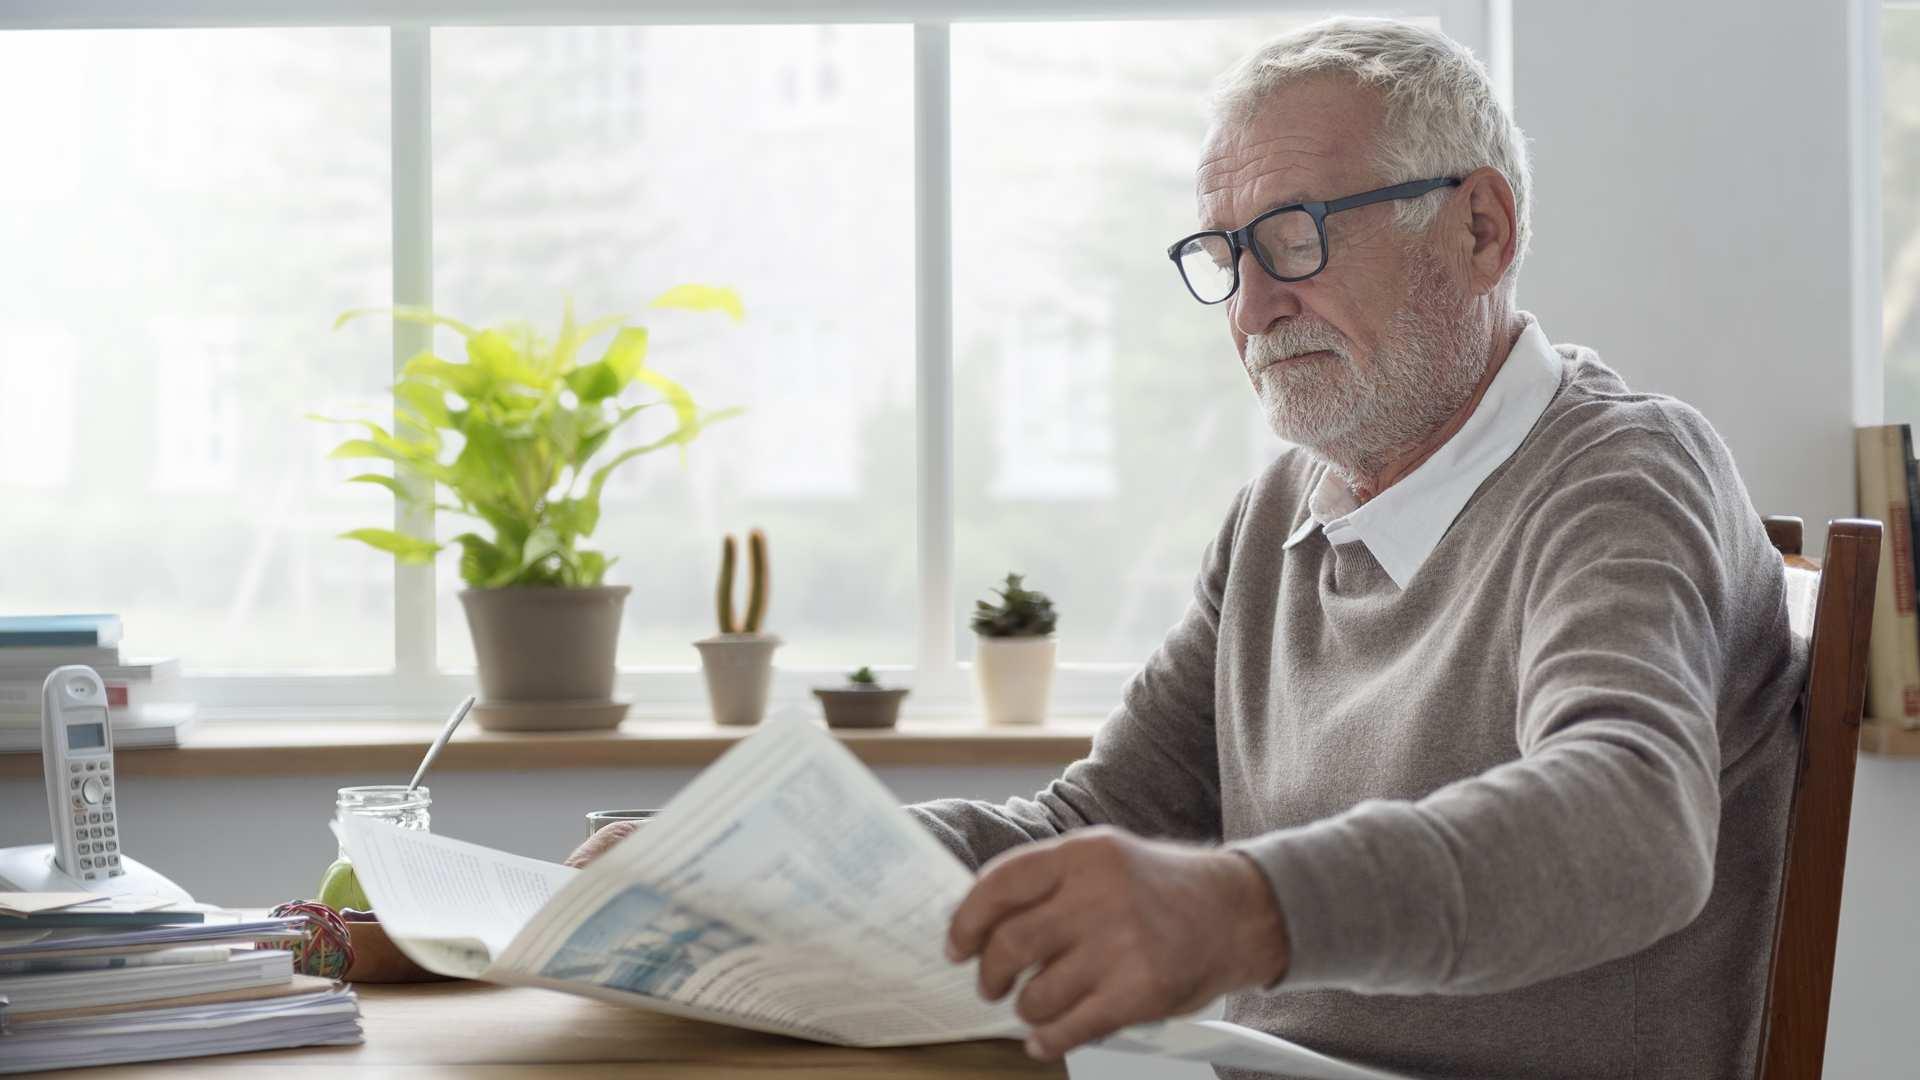 قانون بازنشستگی,قوانین بازنشستگی,قانون بازنشستگی تامین اجتماعی